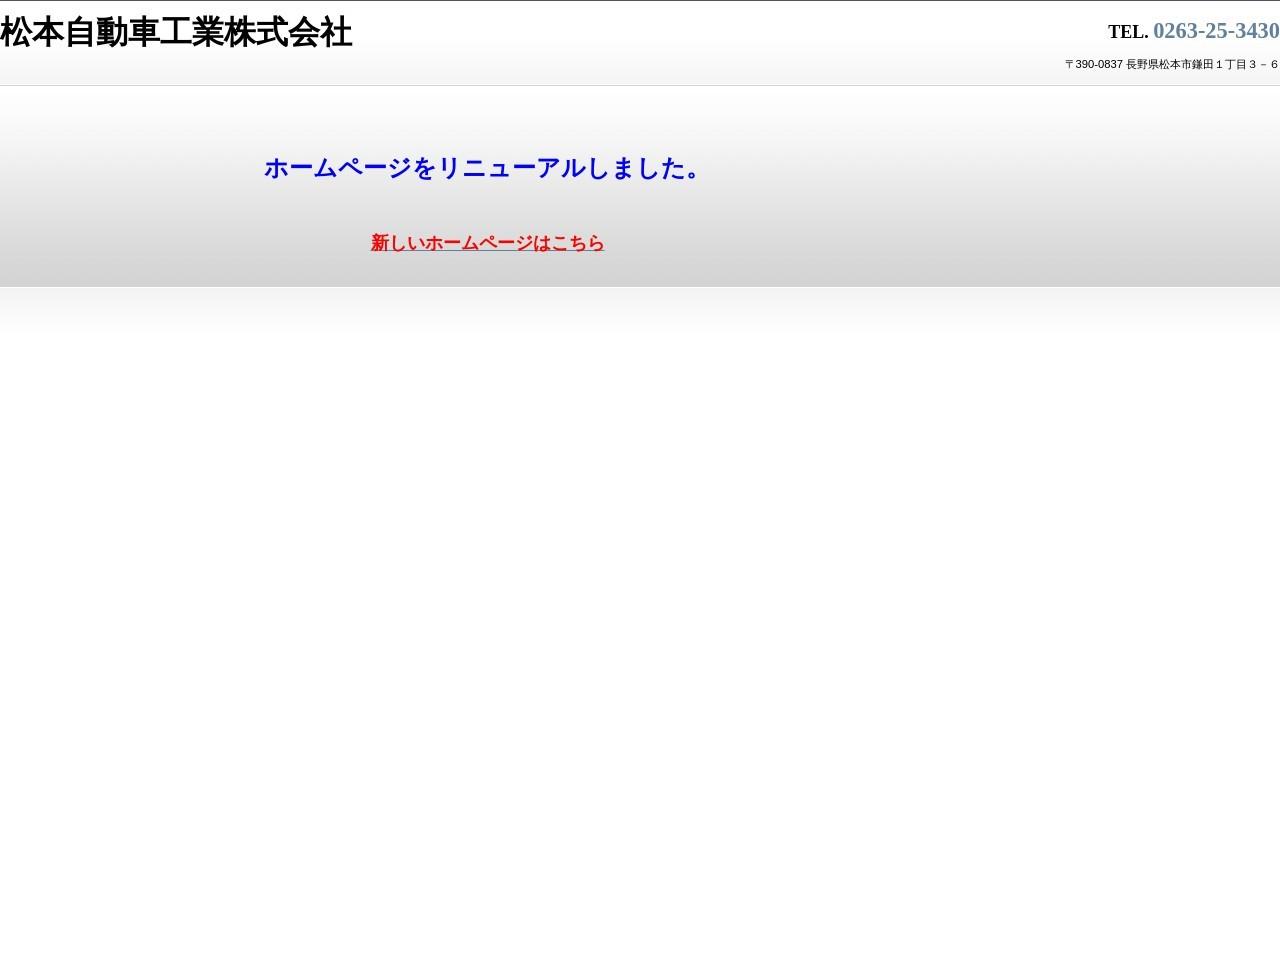 松本自動車工業株式会社